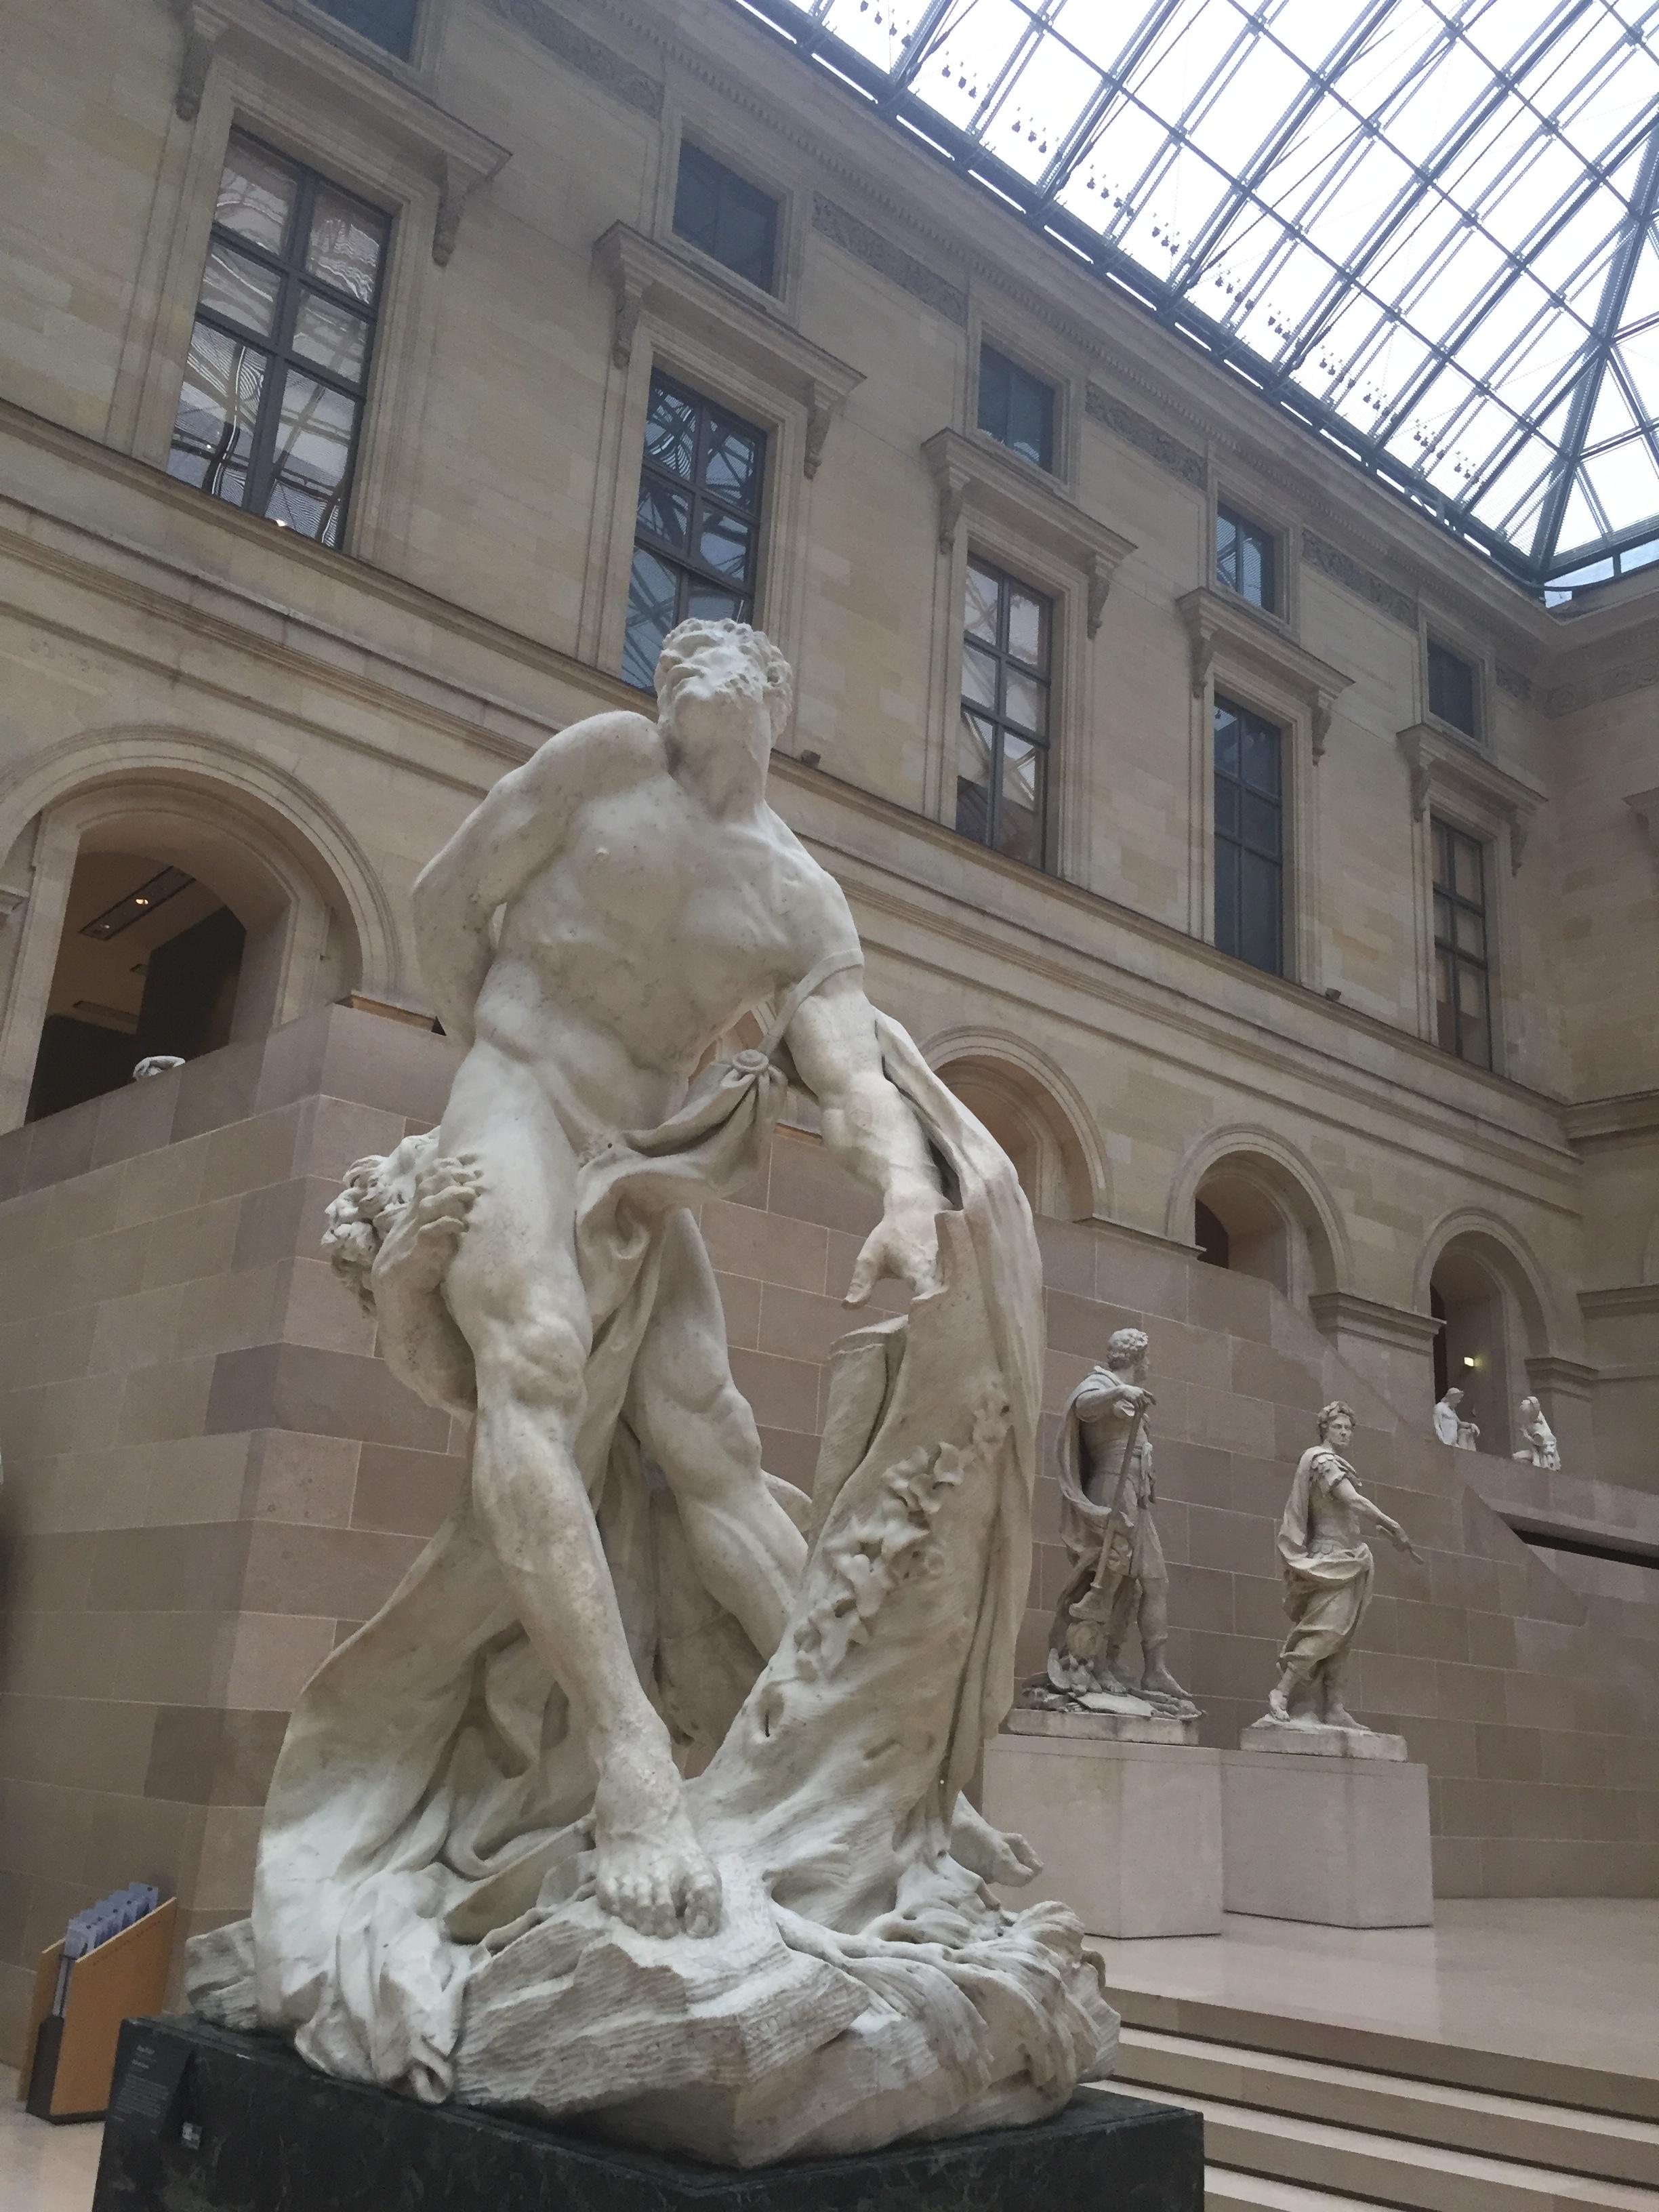 Louvre In Sculptures Trippinbox